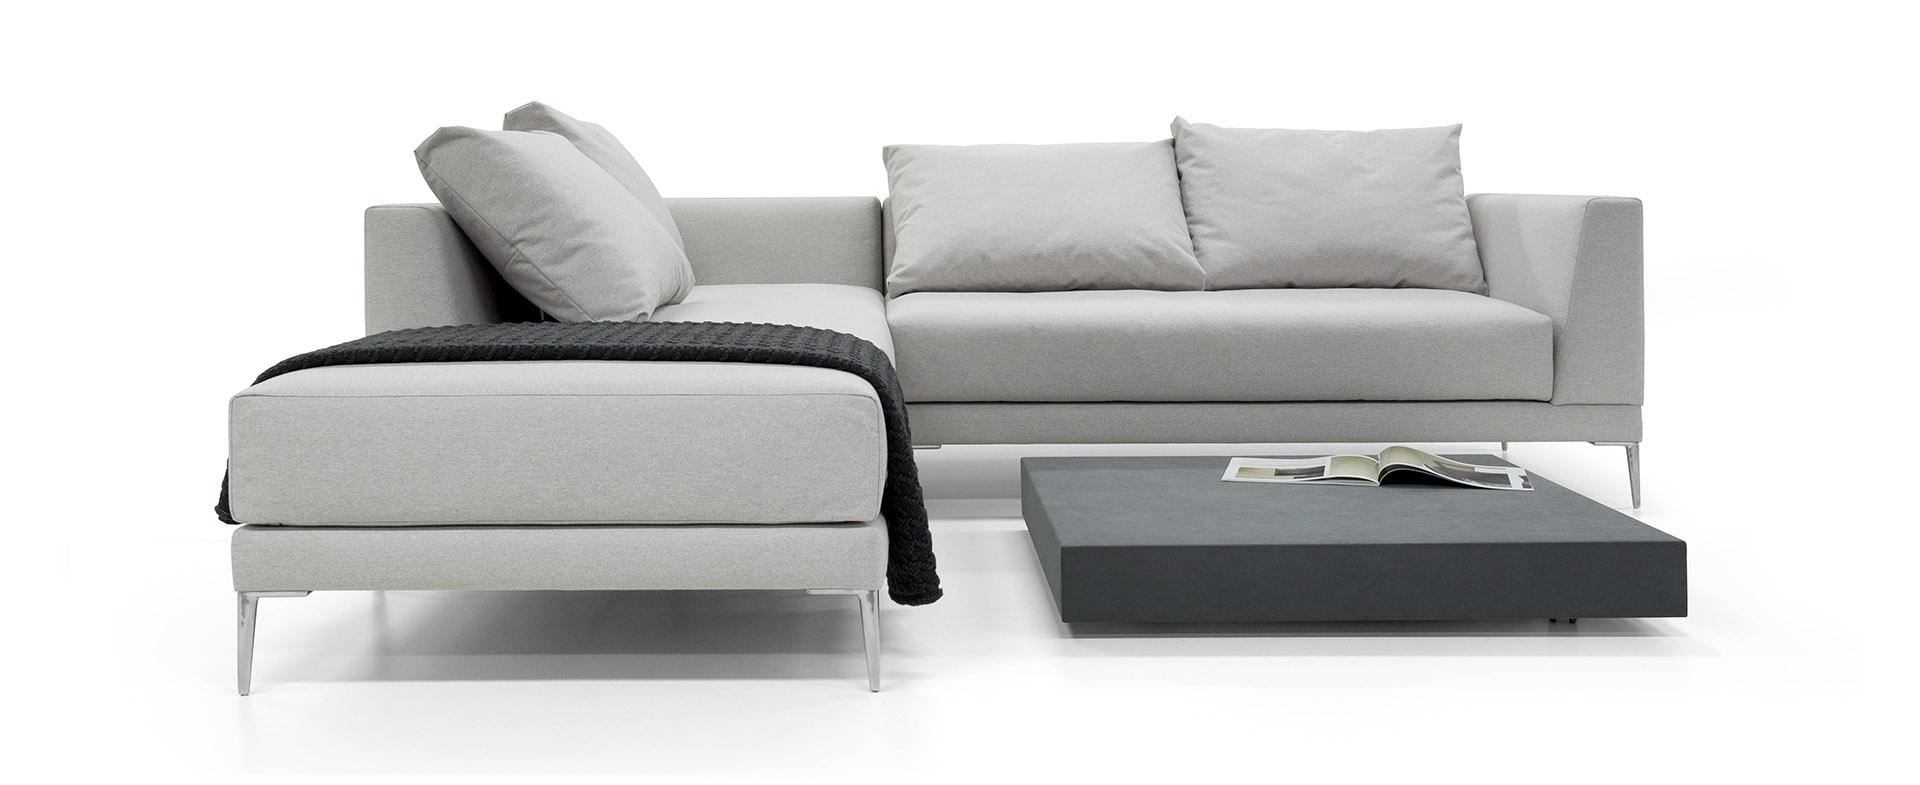 schillig face stunning chemnitz crteil darmstadt hamburg lneburg paris porto and schillig. Black Bedroom Furniture Sets. Home Design Ideas